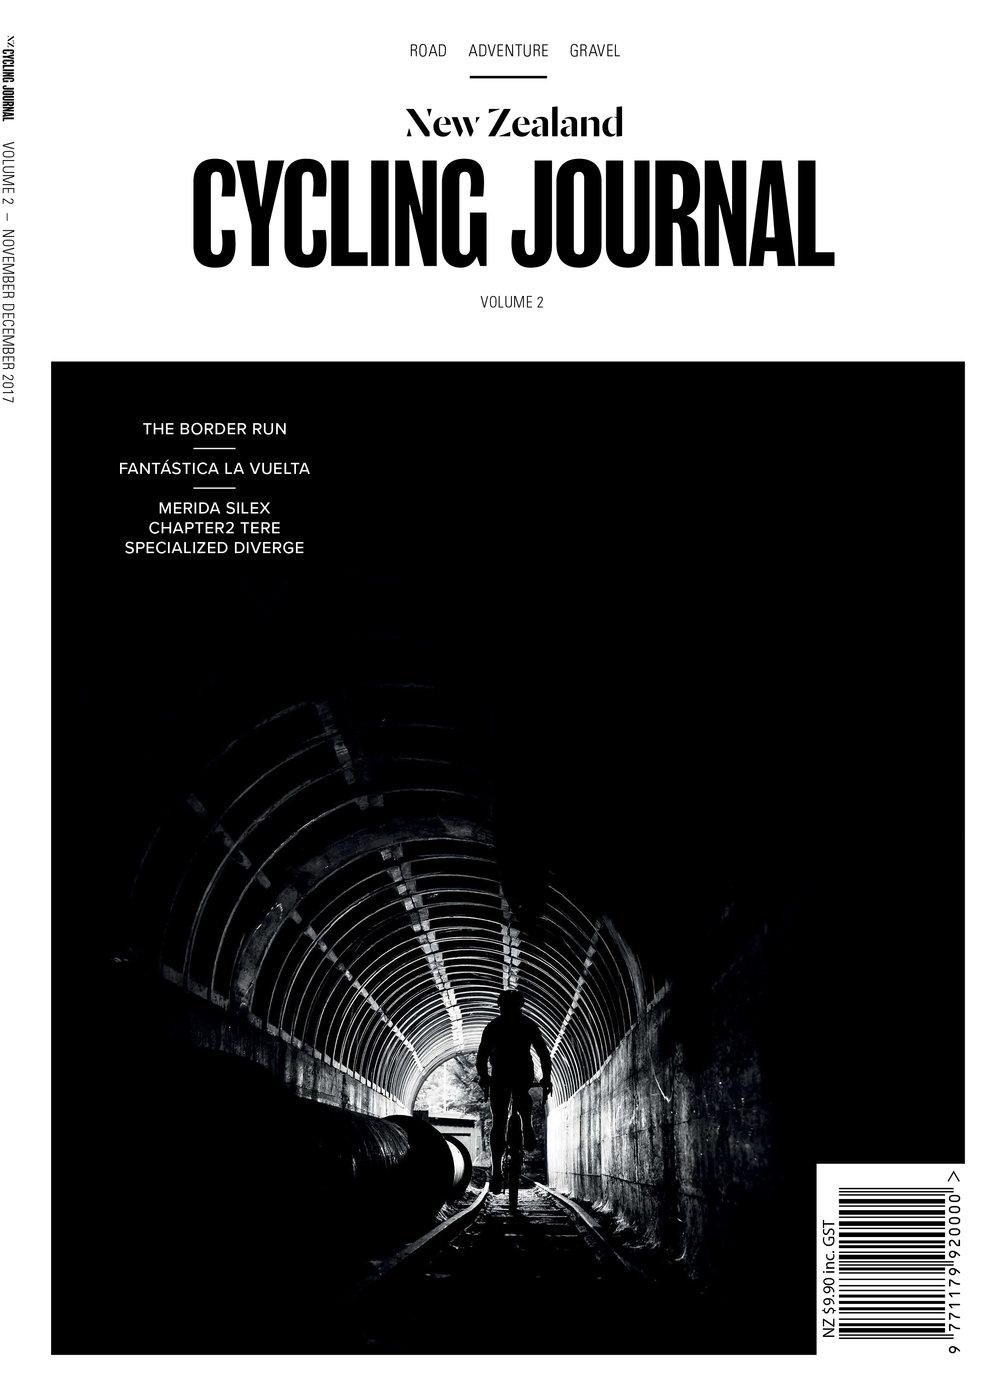 NZ Cycling Journal - Vol.2 Cover.jpg